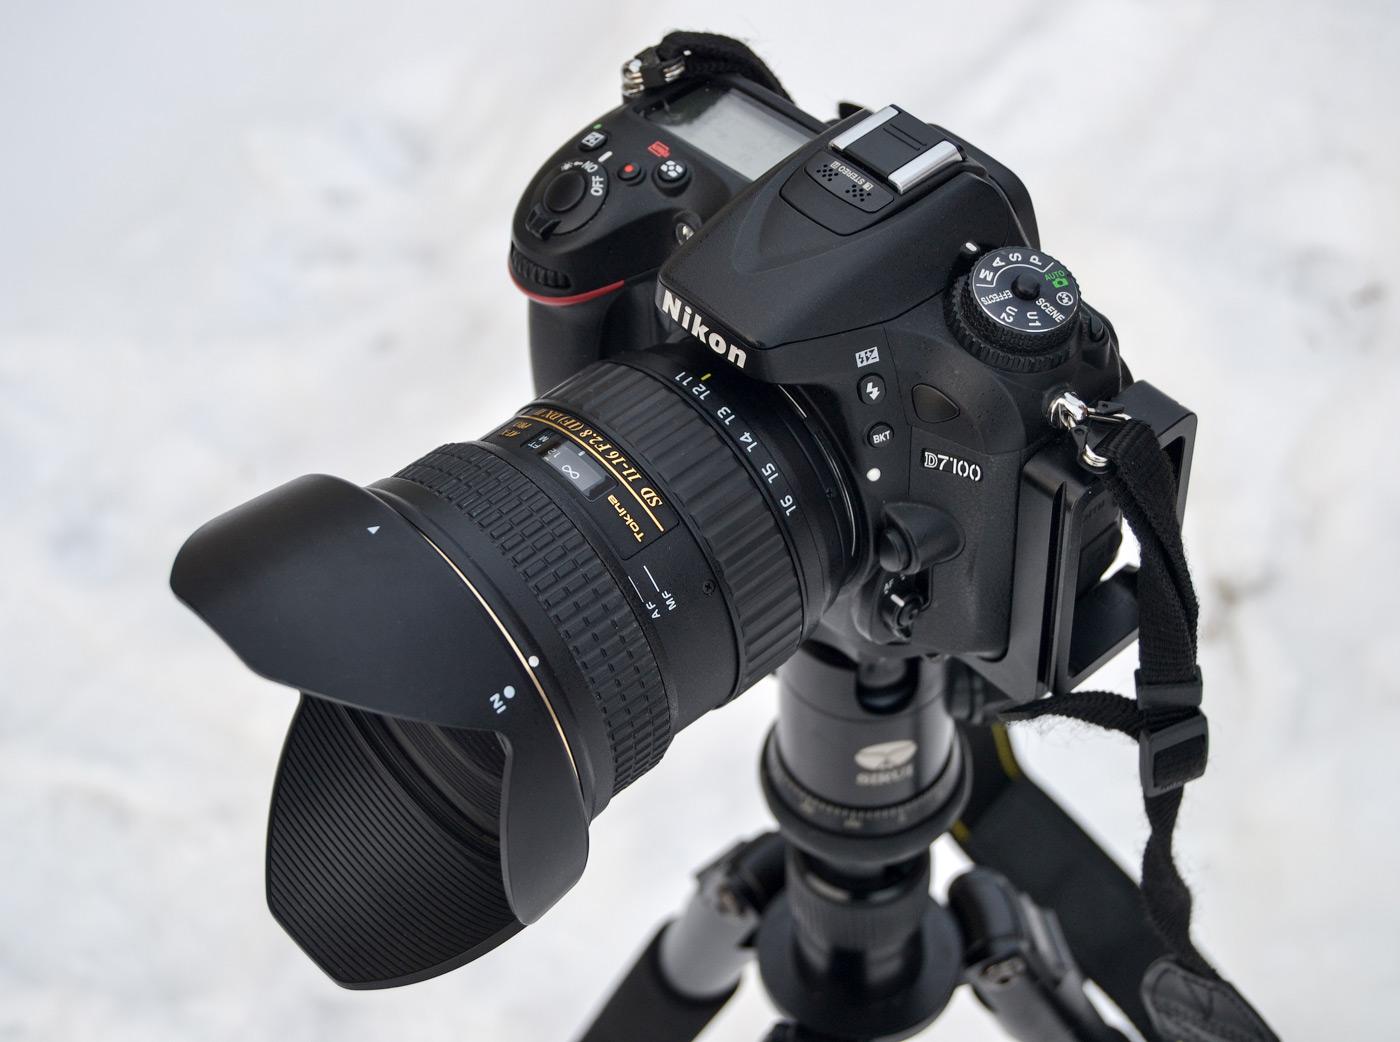 Фото 7. Как выглядит объектив Токина 11-16 мм f/2.8 DX II на Никон Д7100. Отзывы владельца. Снято на NIKON D3100 + 18-55. Настройки при съемке: 38.0 mm, ISO 100, f/5.6, 1/40 s, -2/3 EV